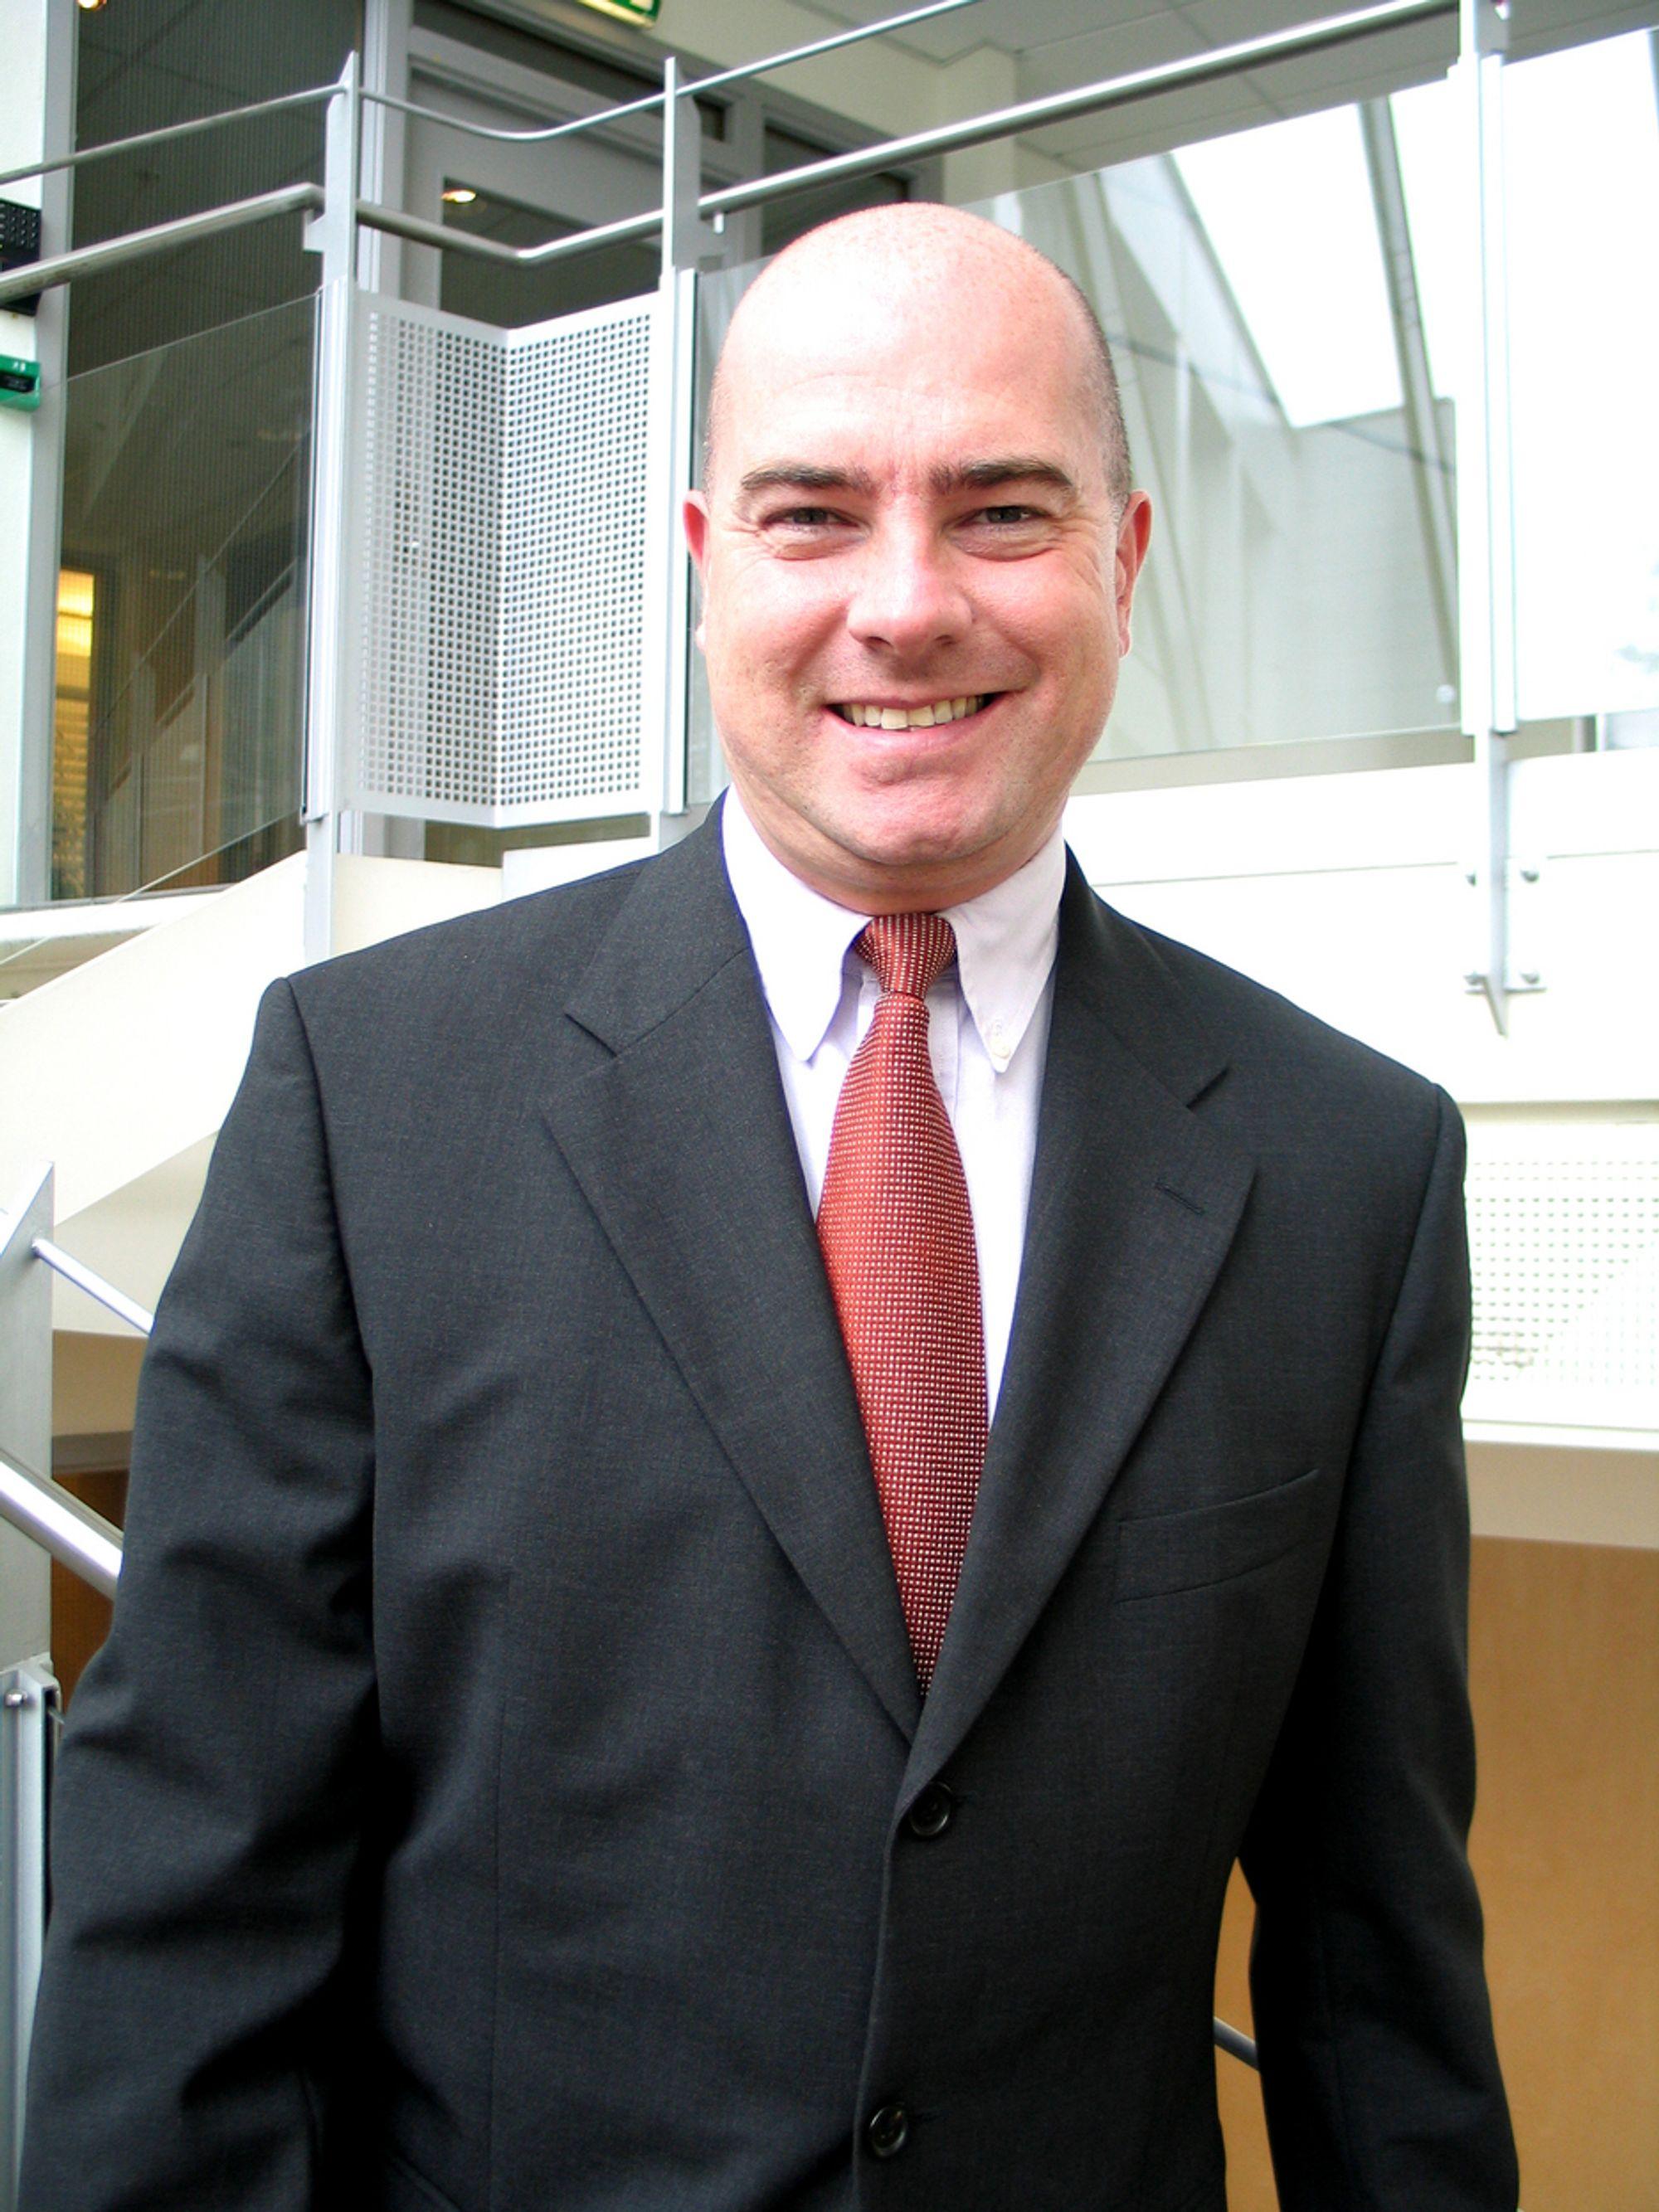 Rolf Bive (39) kom til UPC Sverige i 2000, etter to år som Chief Information Officer (CIO) i Telenordia AB i Stockholm. Før det jobbet han i British Telecom og KLM, i Sverige, Nederland og UK.